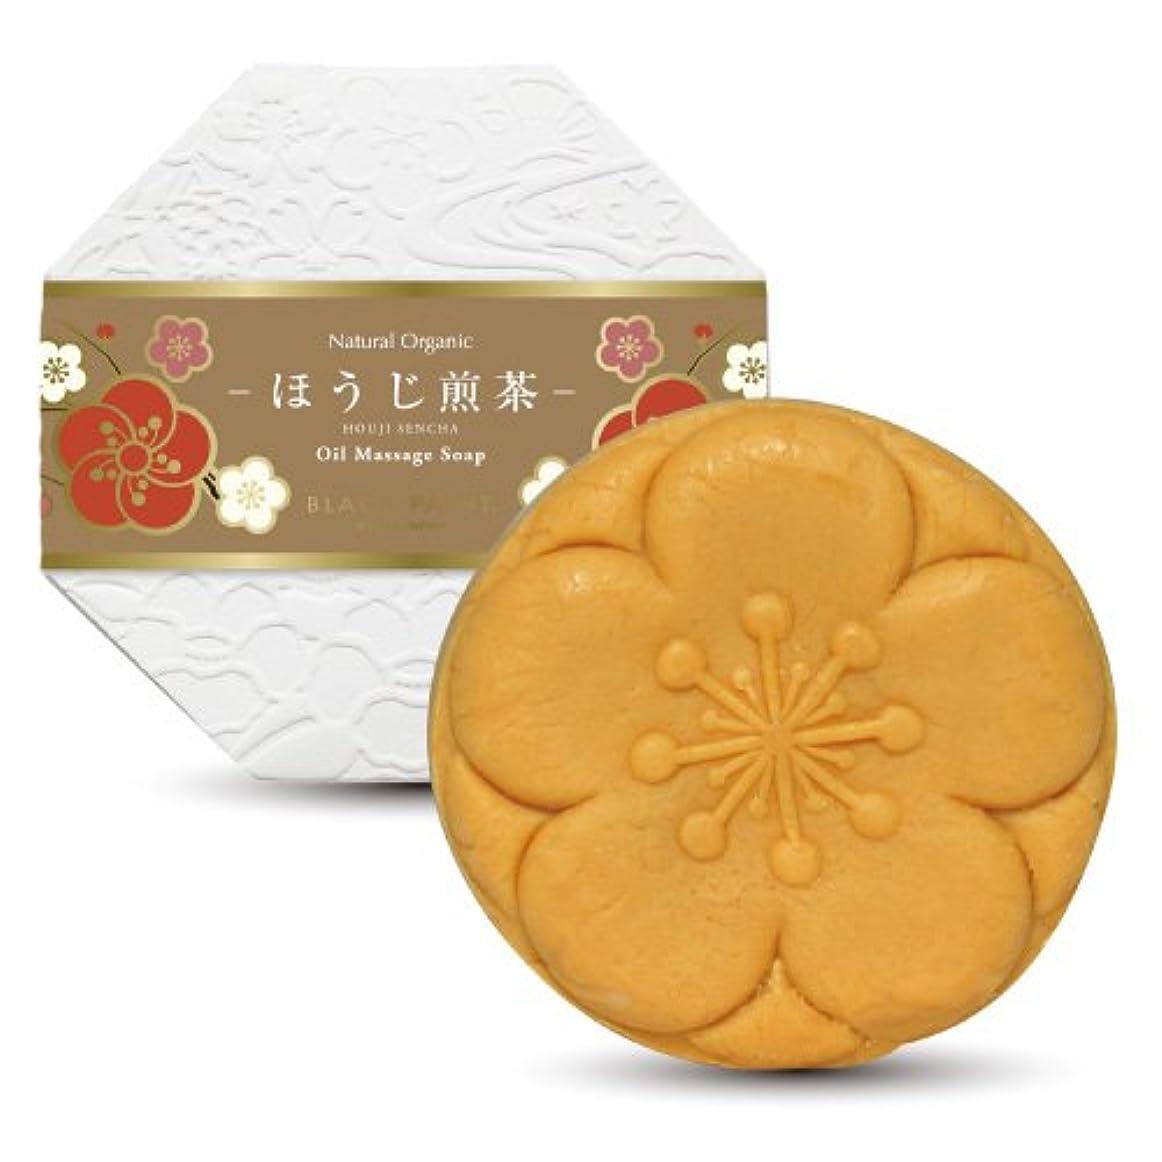 晩ごはん苦行舗装京のお茶石鹸 ほうじ煎茶 120g 塗る石鹸